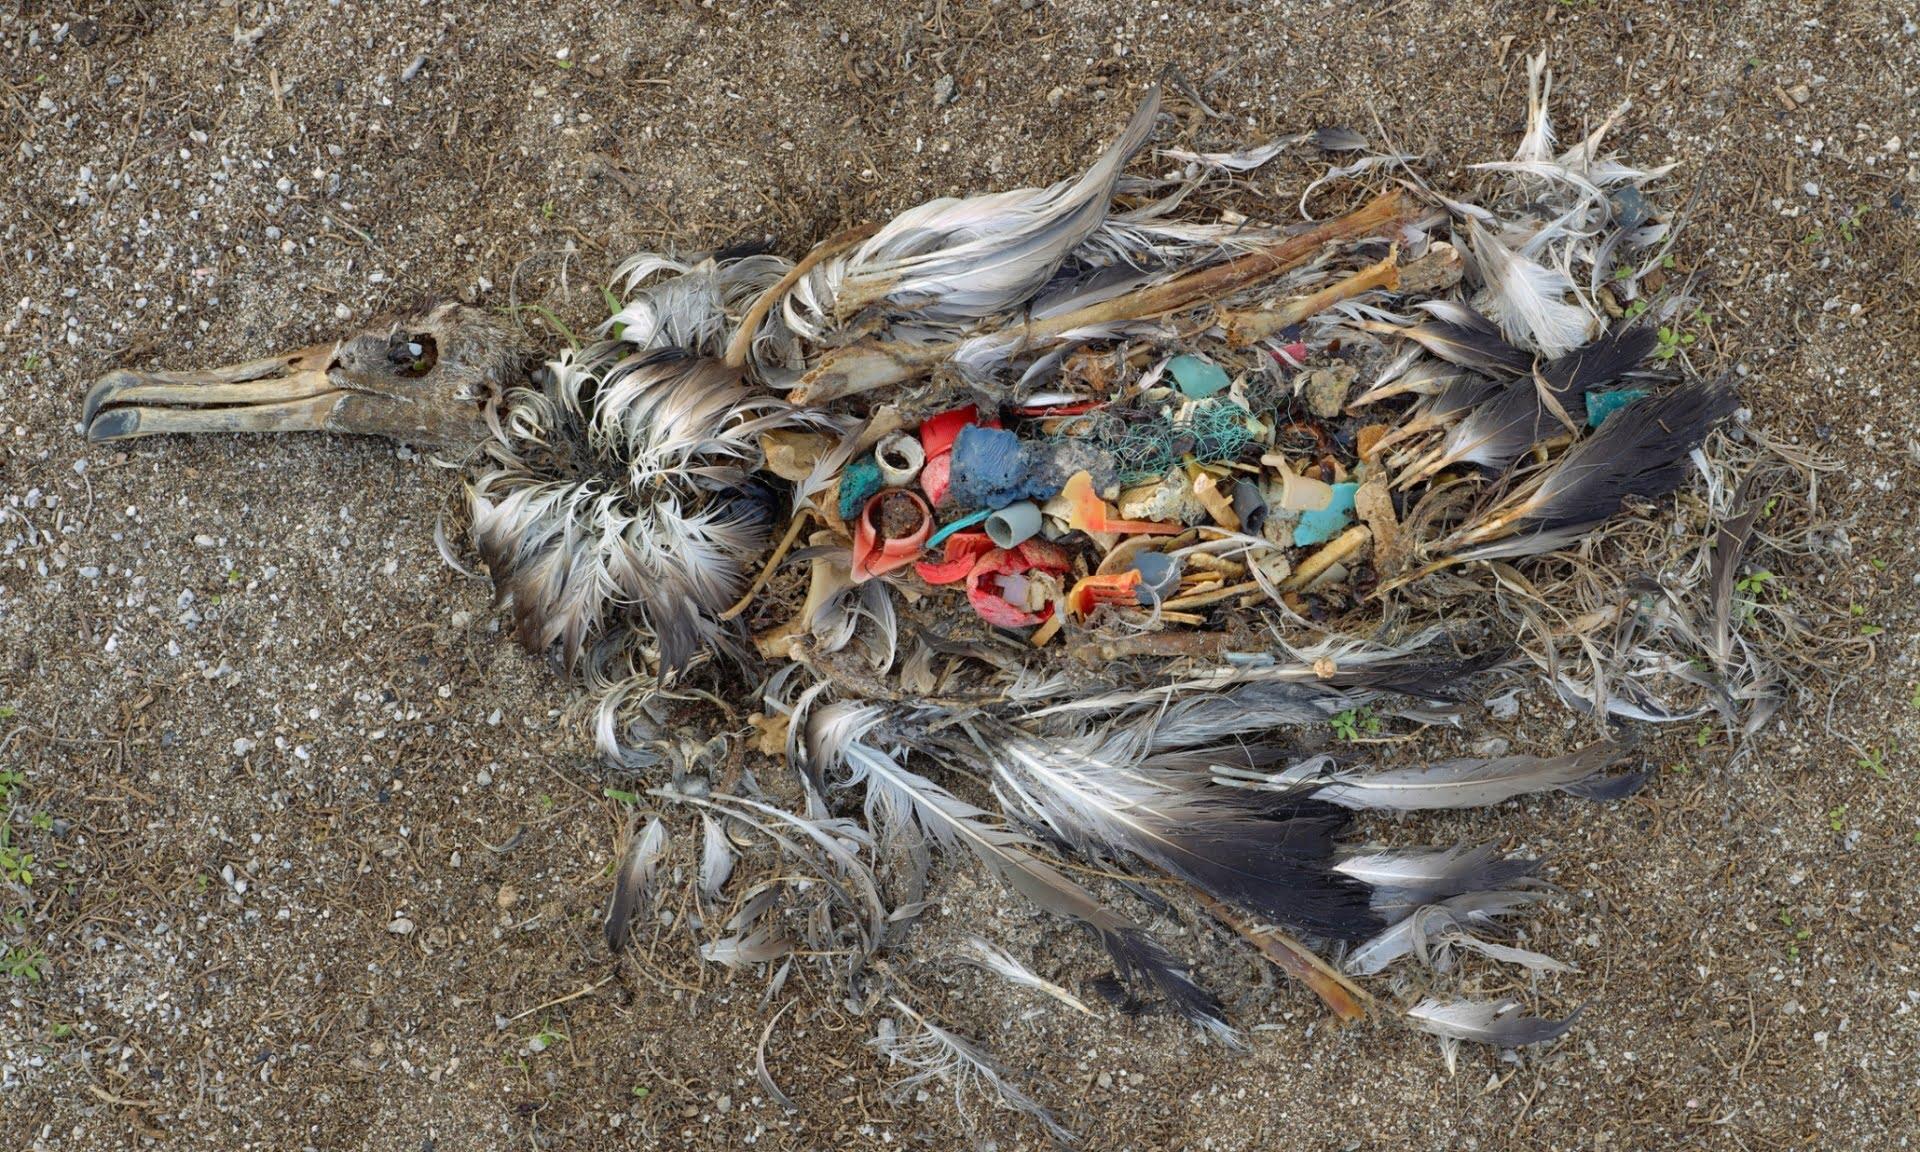 Superpopulação e super consumismo, nossa triste realidade, imagem de estômago de ave cheio de plástico